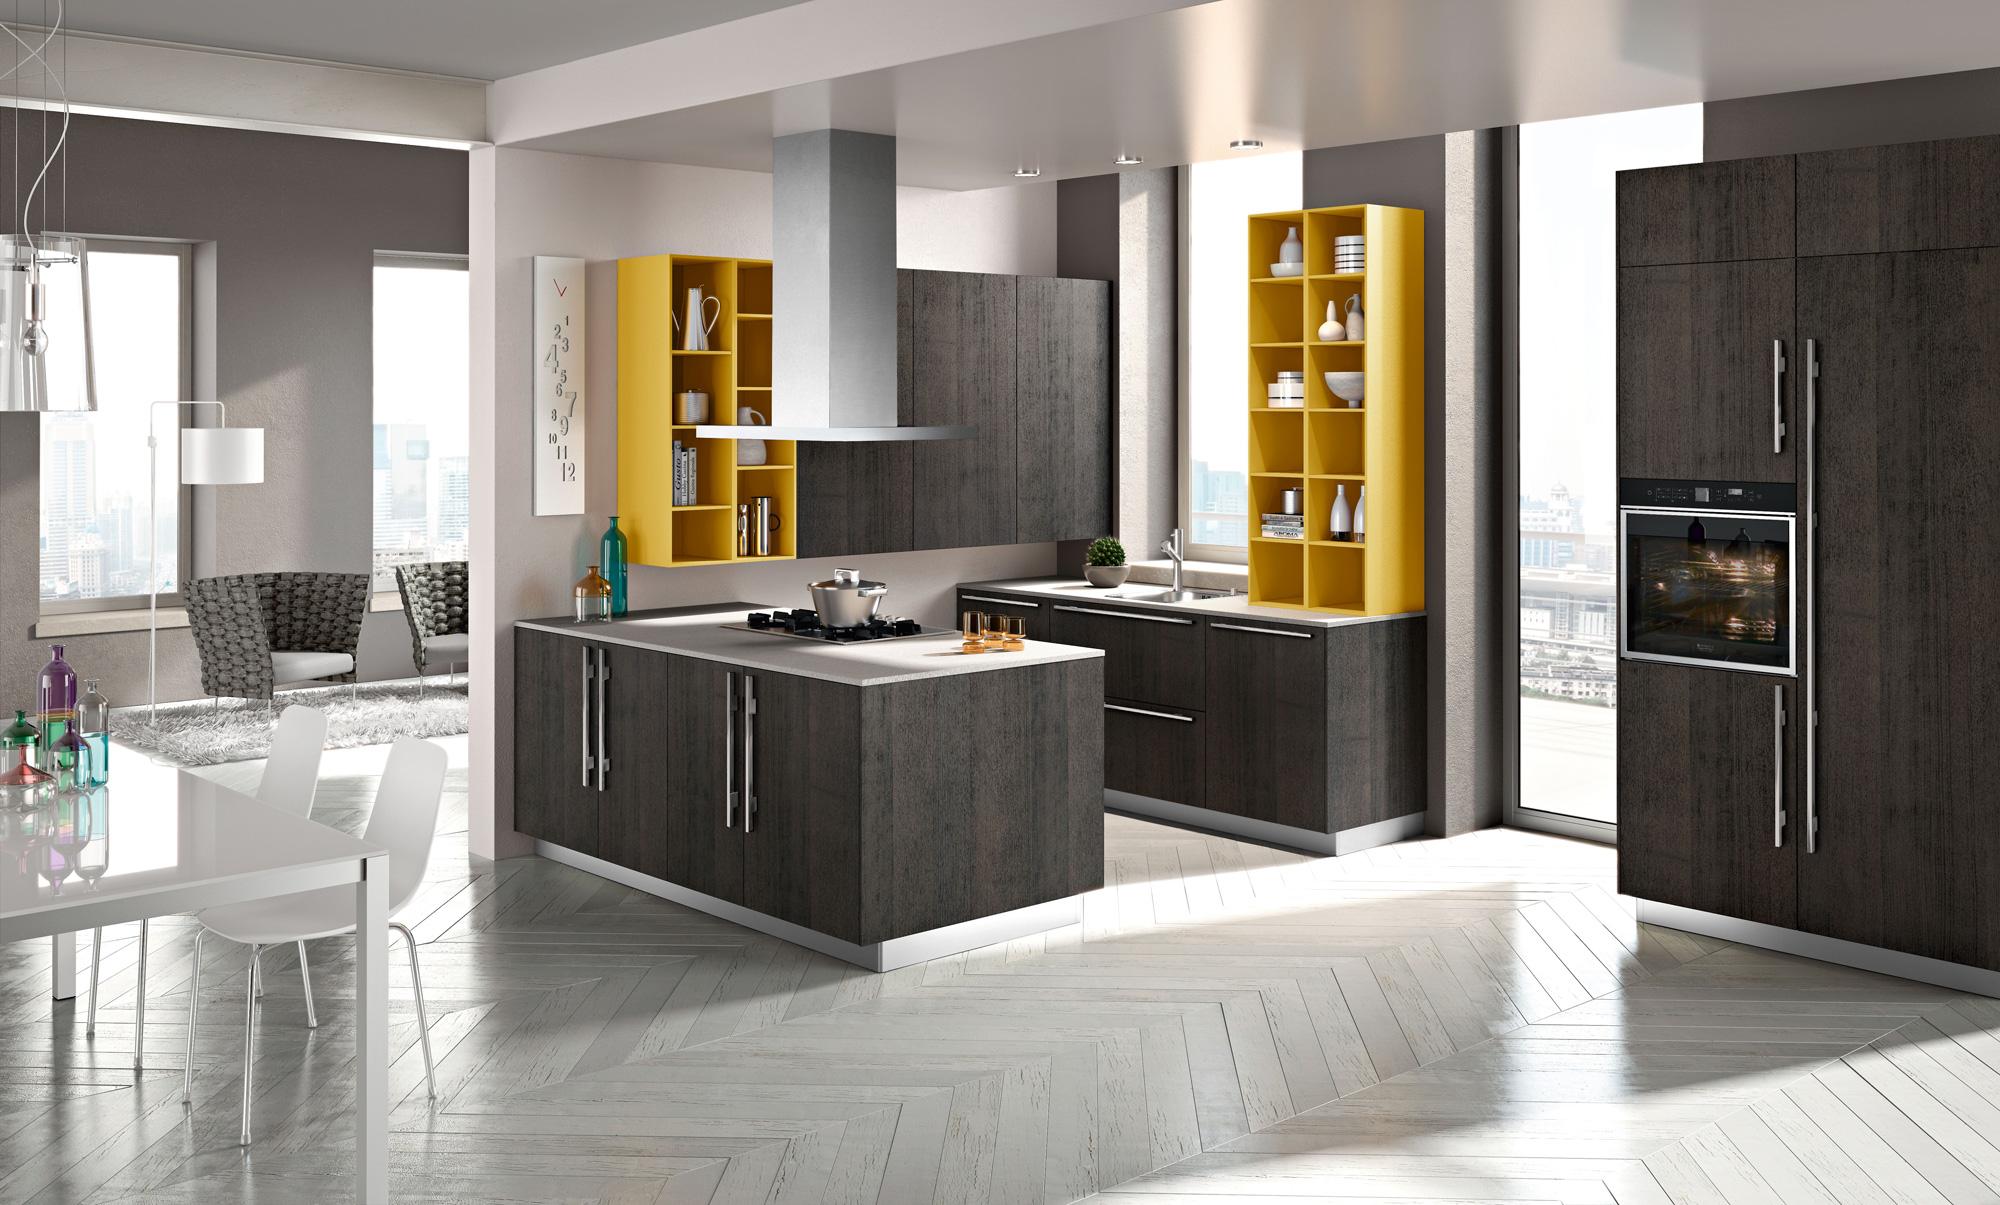 modern italian kitchens from snaidero open kitchen design